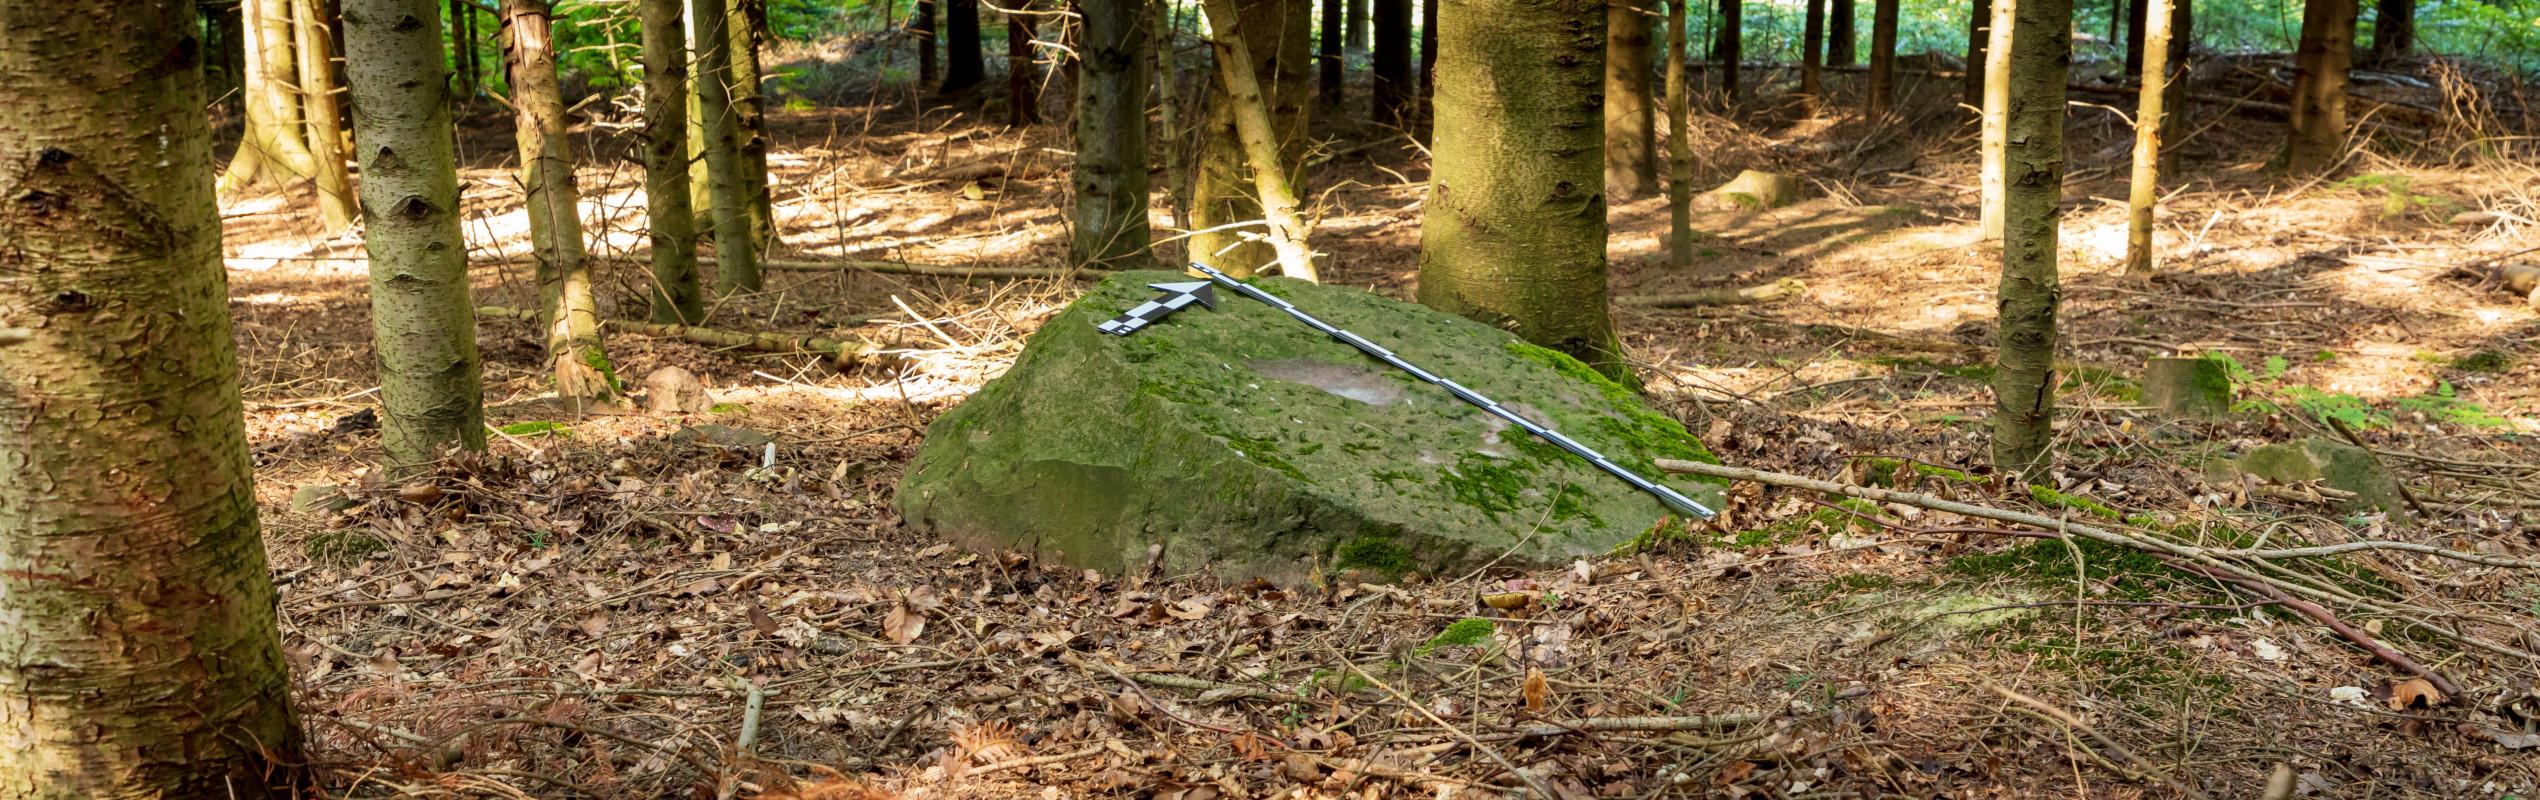 Rohling eines Mühlsteins. Zeitzeugen der mittelalterlichen Mühlsteinproduktion im Bleichtal.